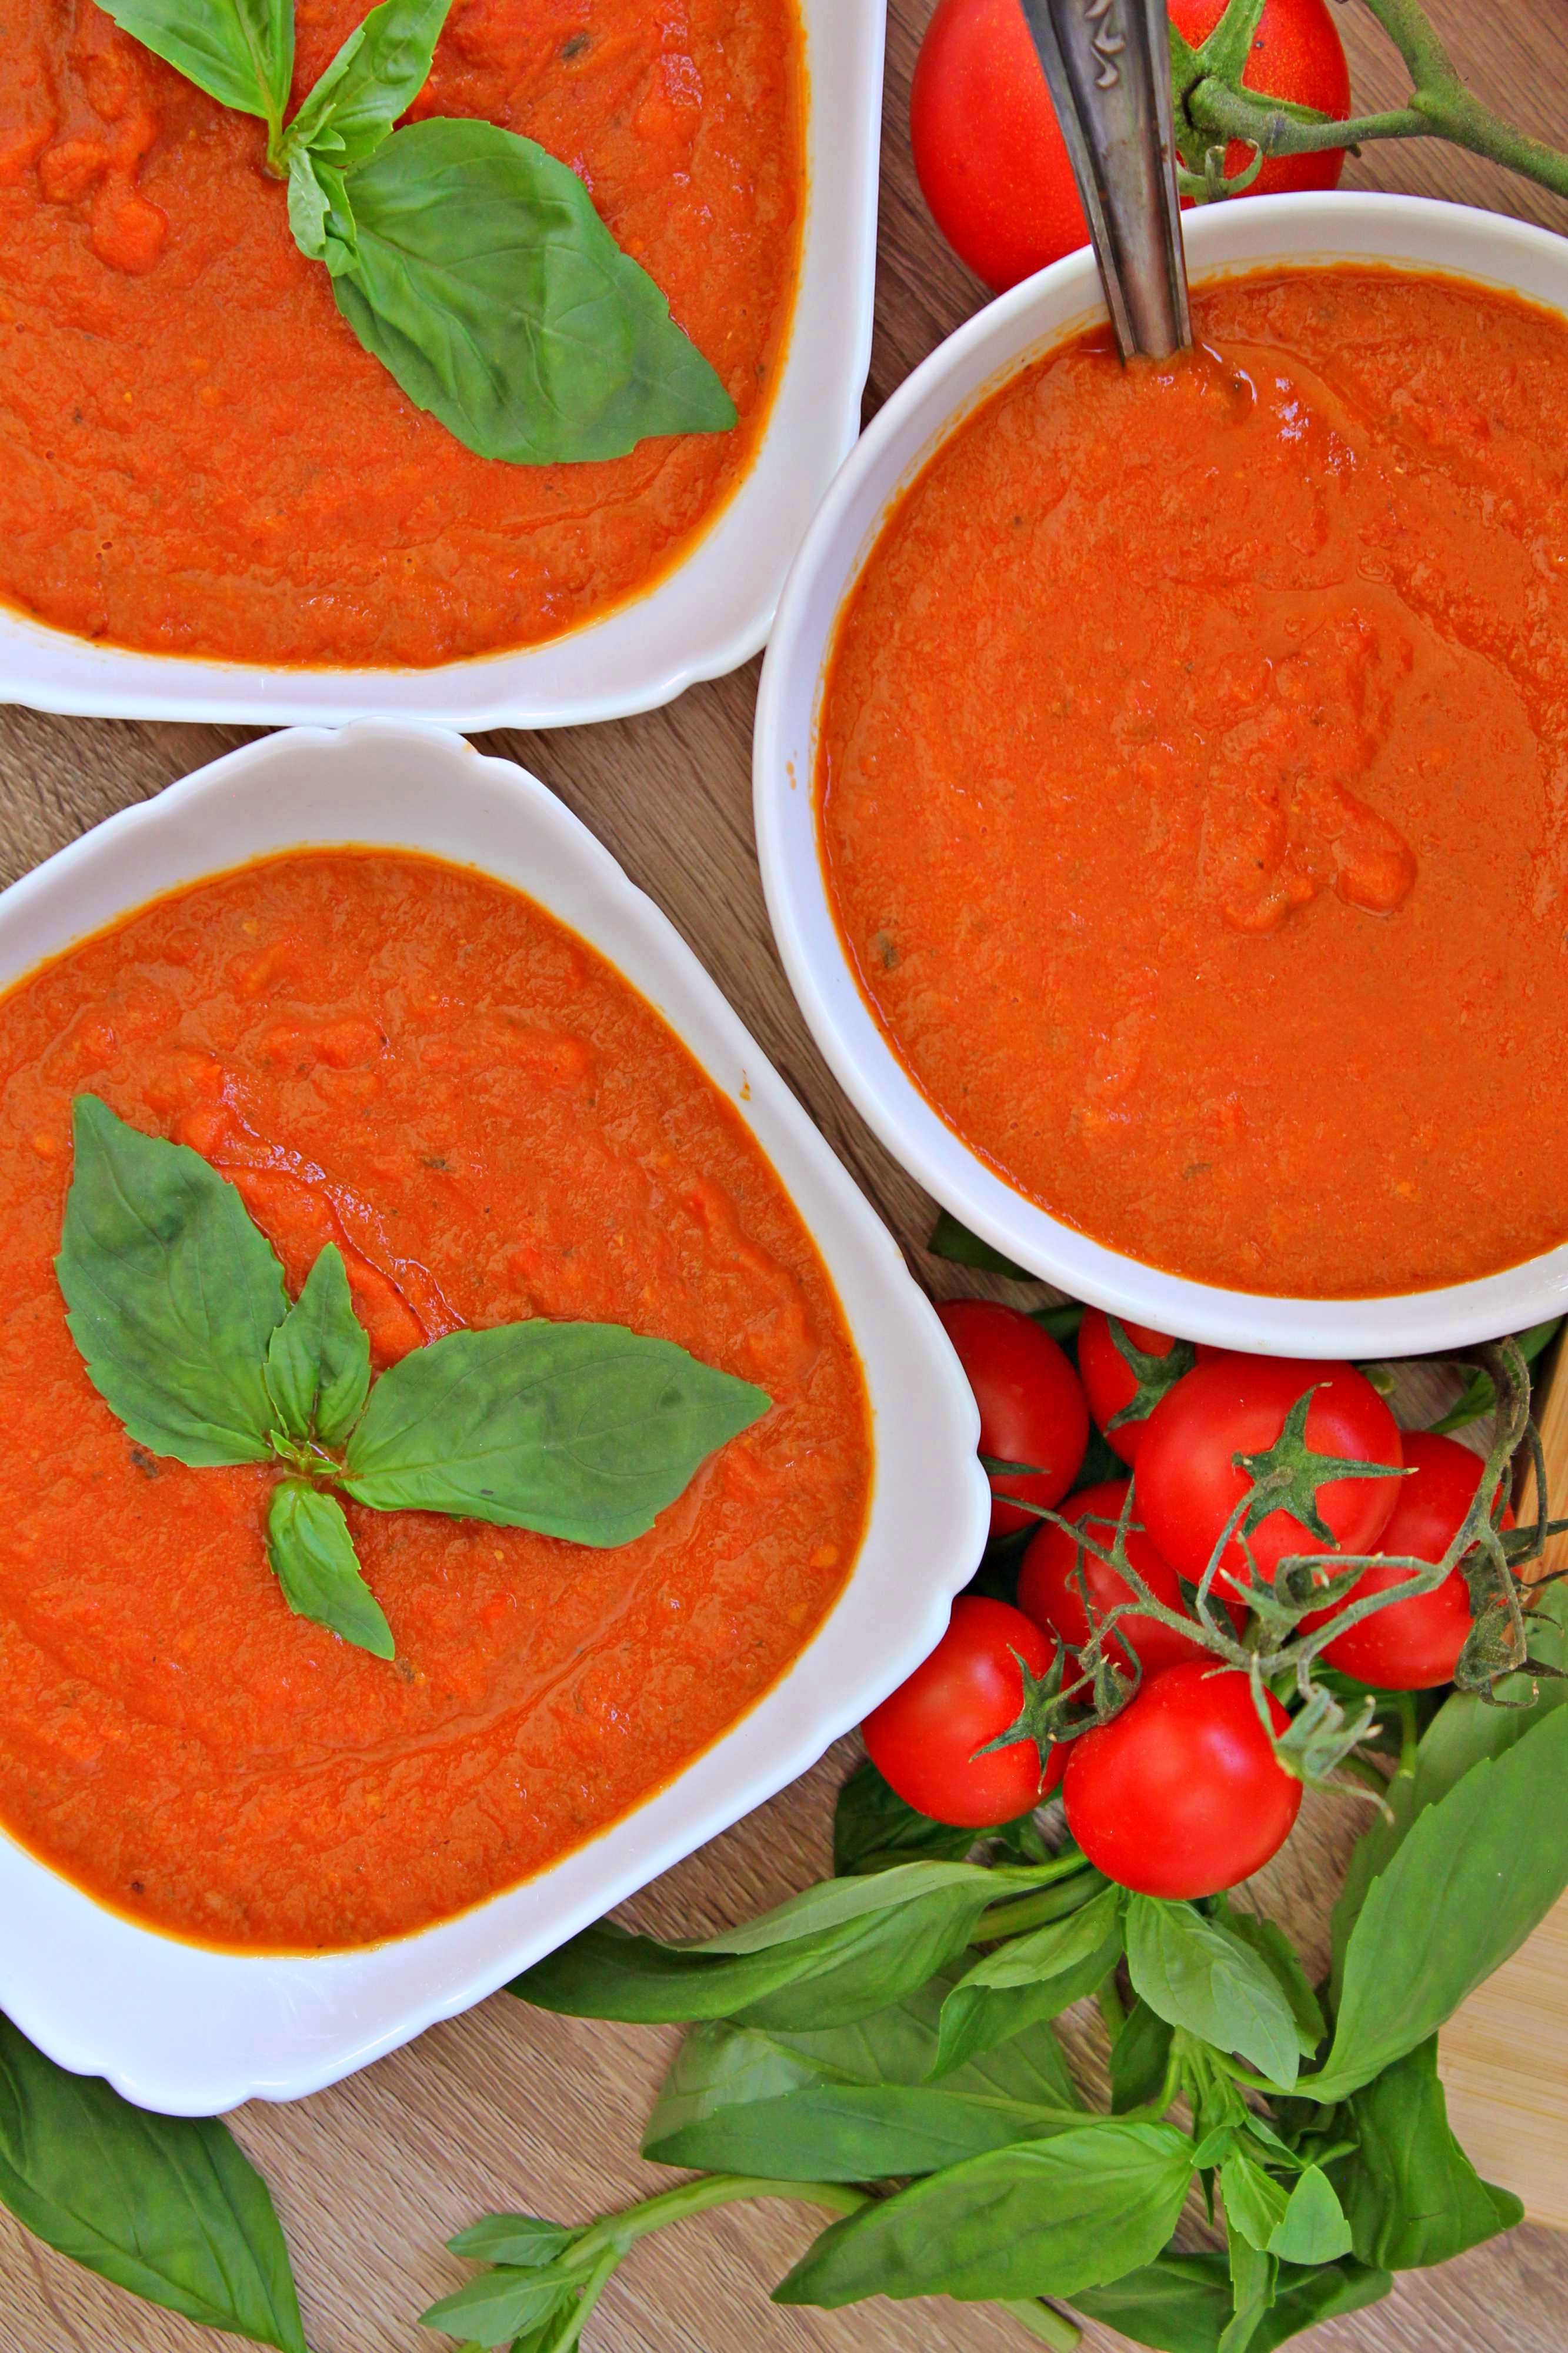 Supa de rosii coapte in 3 boluri albe, ornate cu busuioc